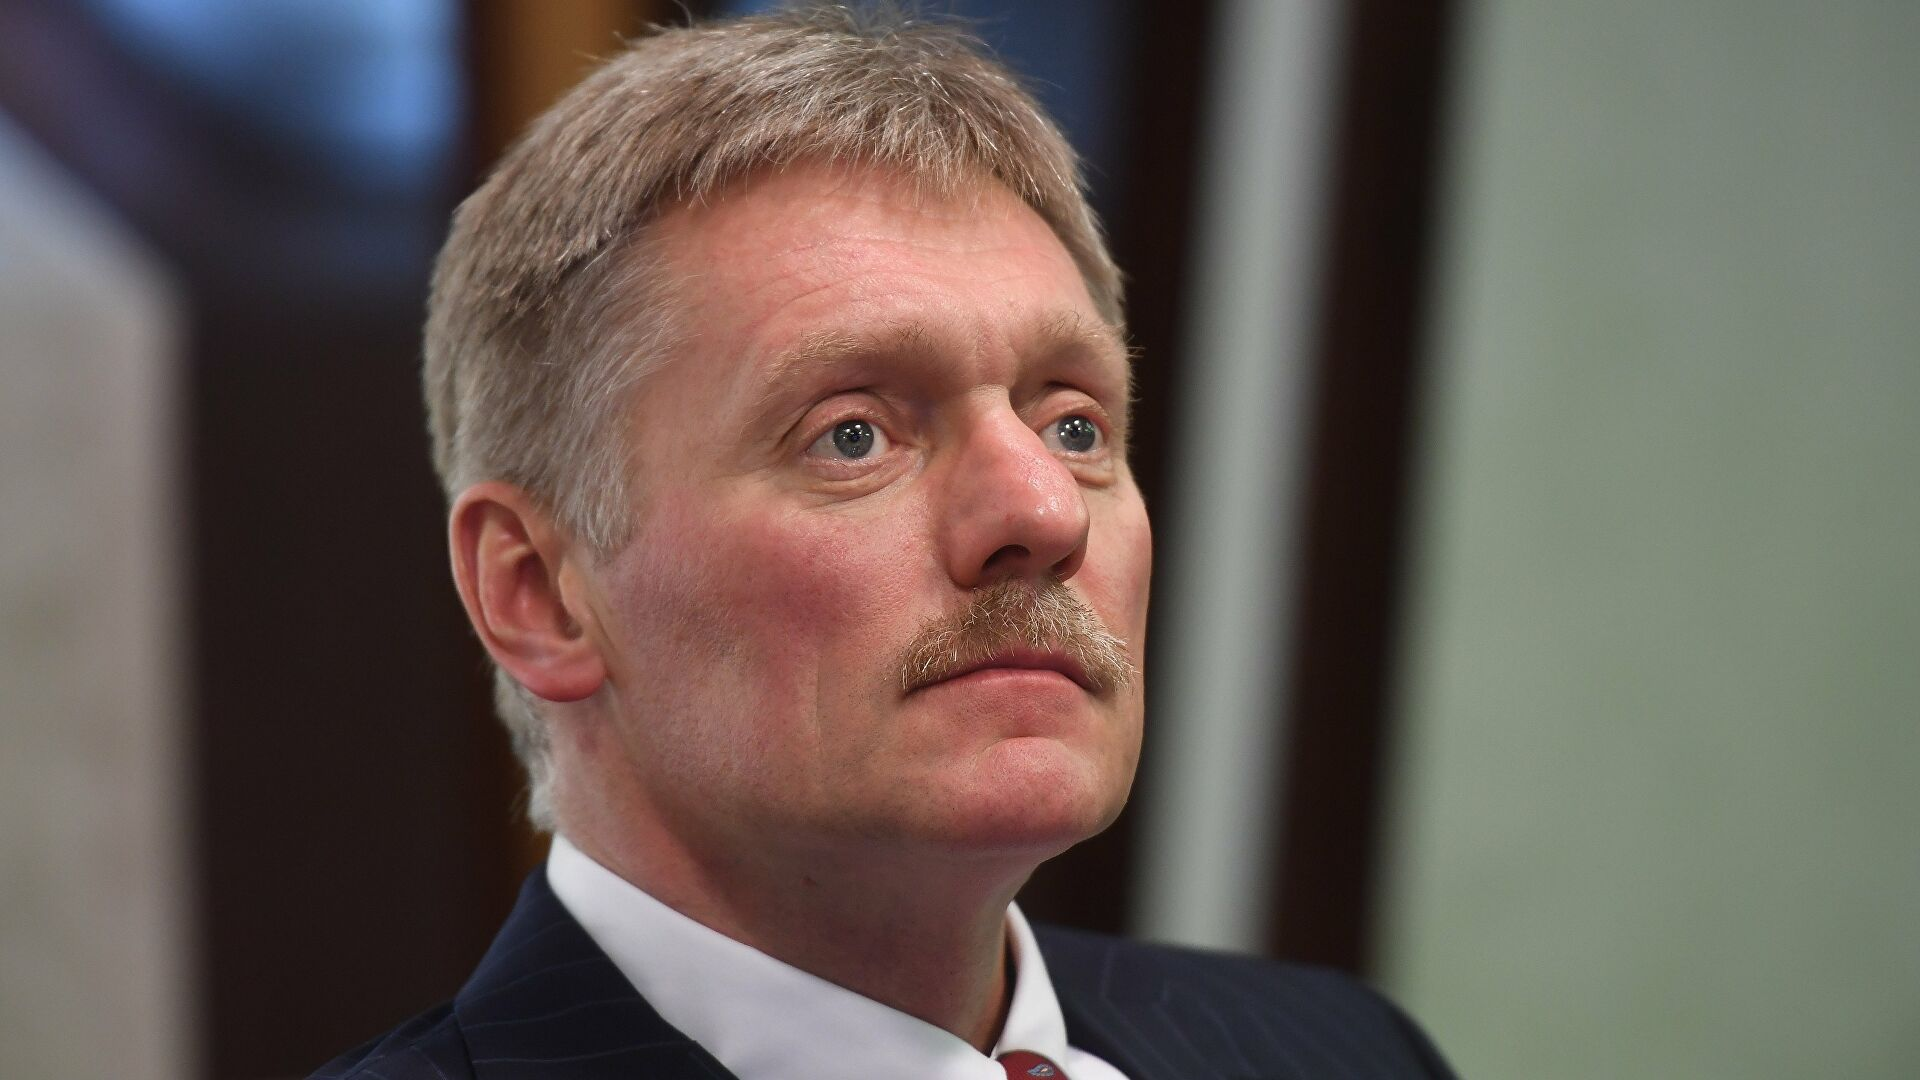 Peskov: Žalimo zbog odluke Sportskog arbitražnog suda da zabrani predsedniku Putinu da posećuje Olimpijske igre i druge međunarodne sportske događaje